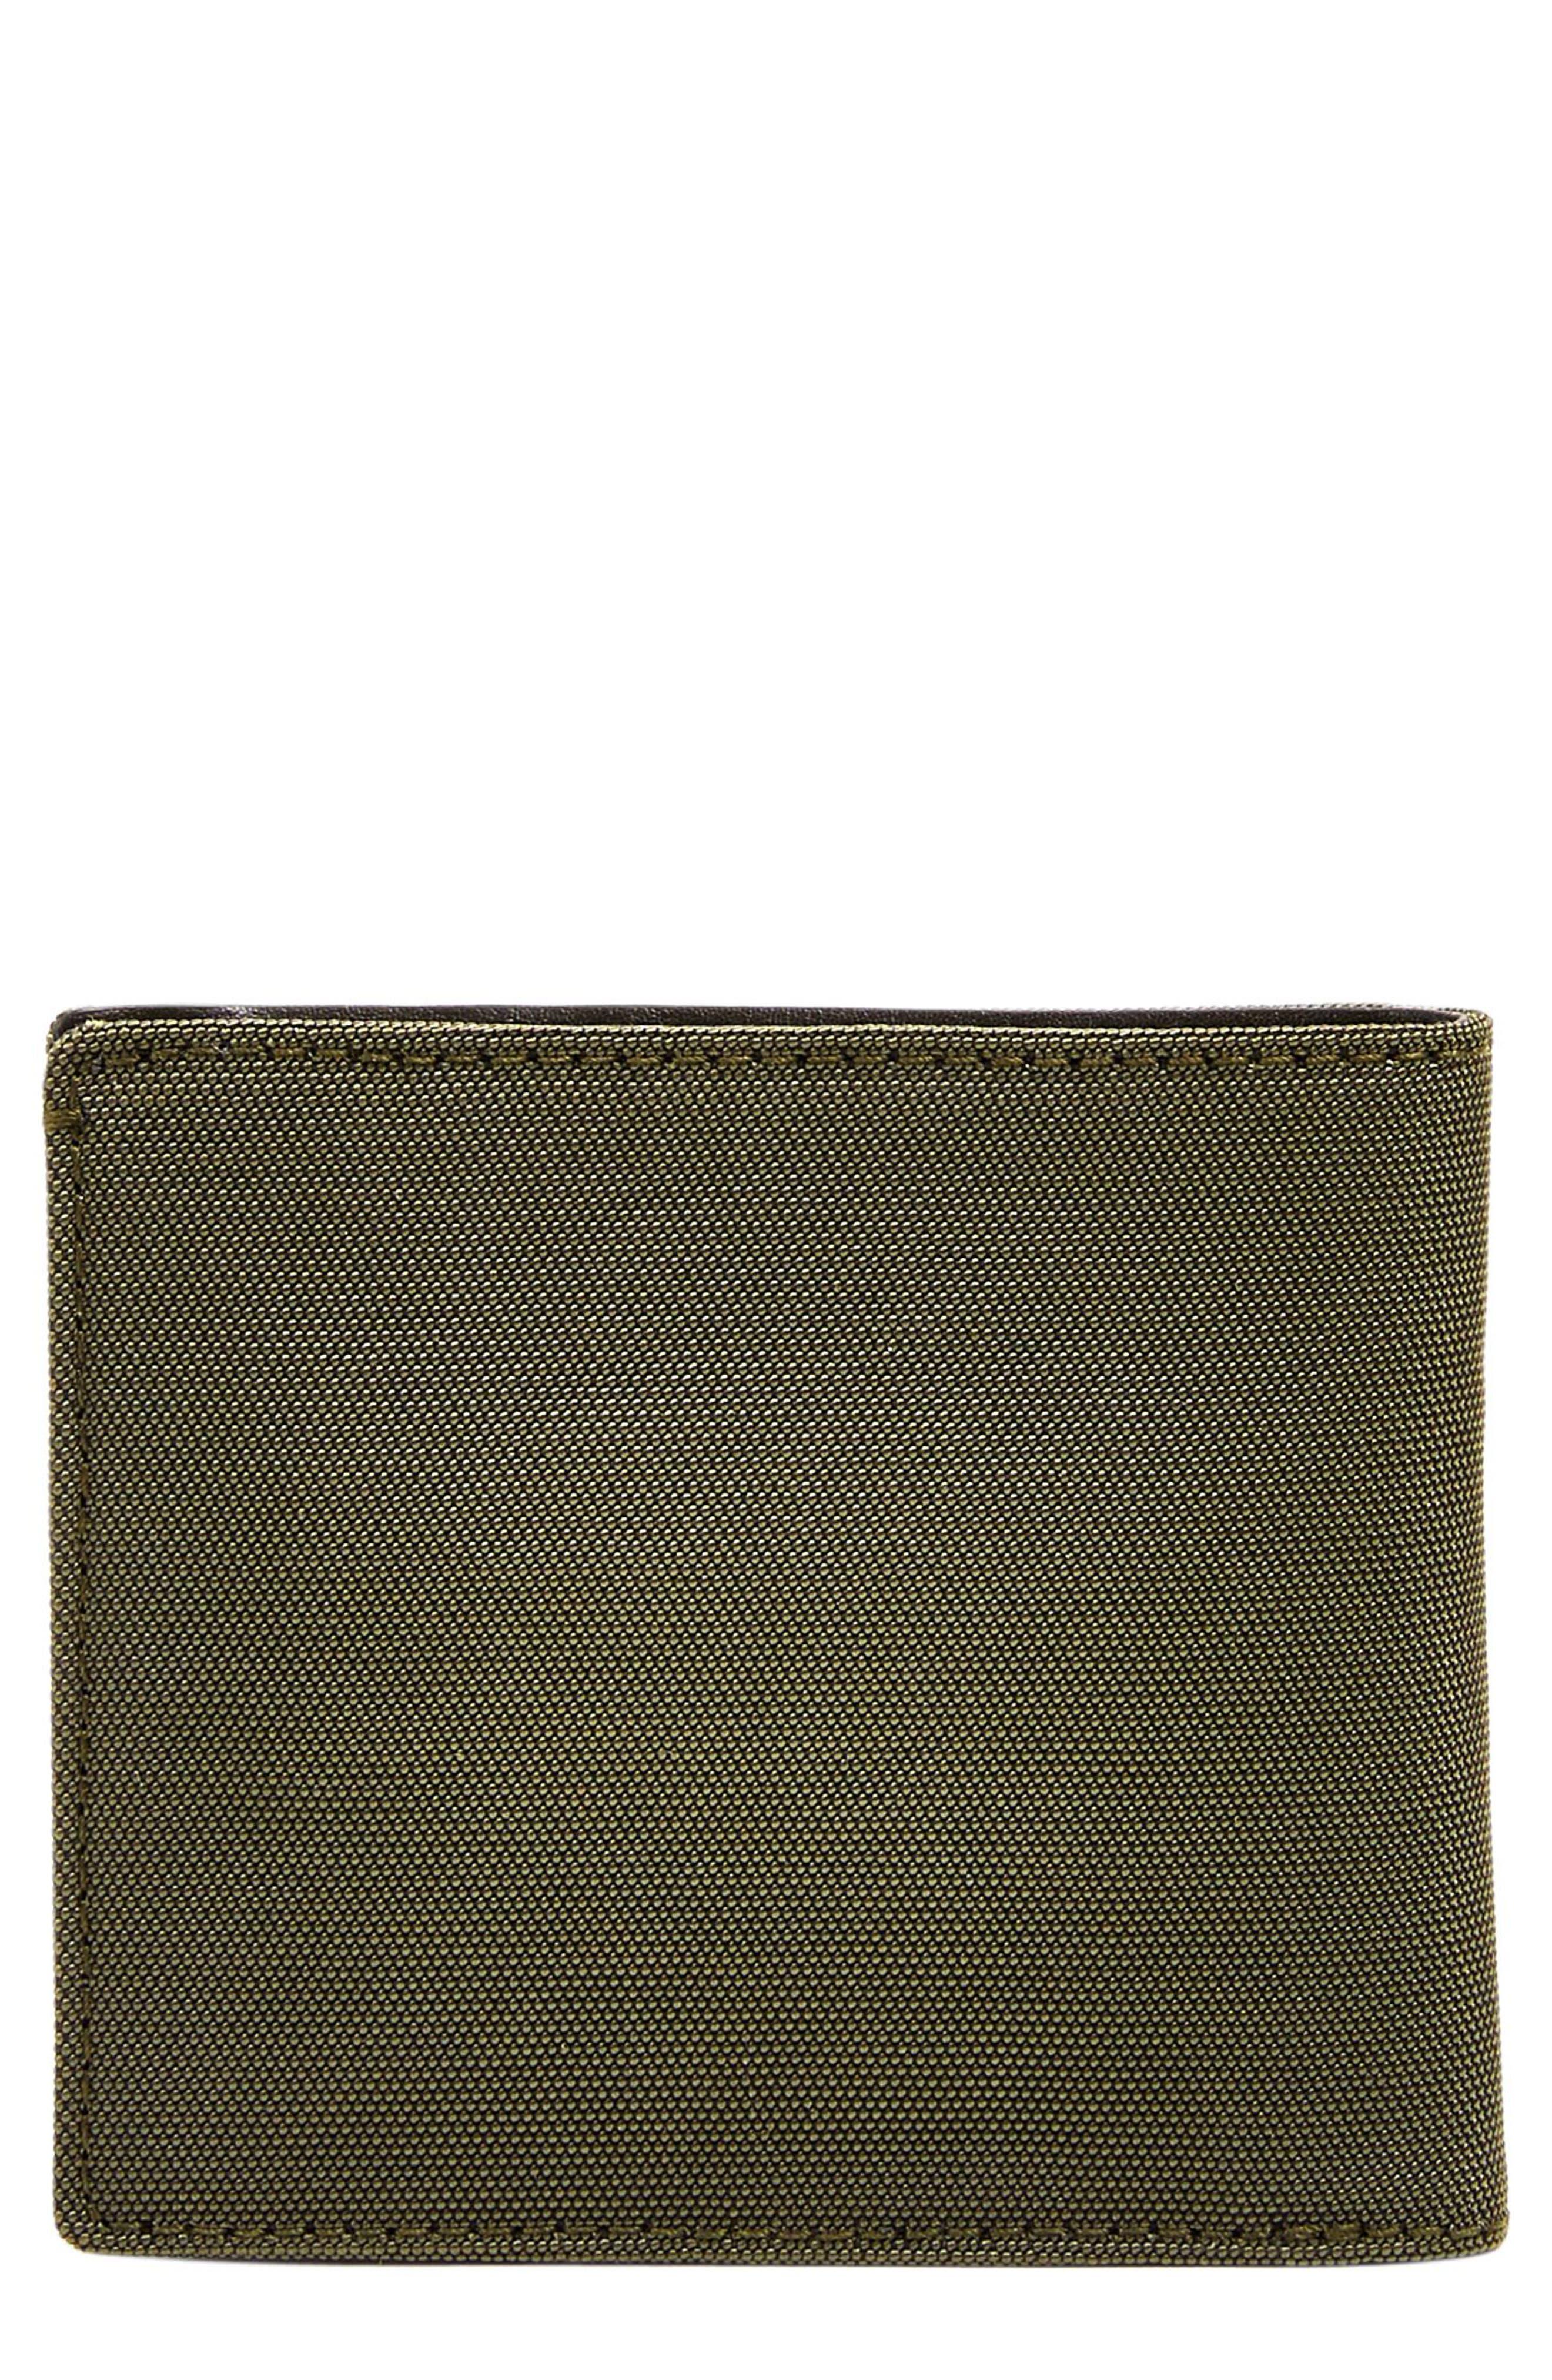 Passcase Wallet,                         Main,                         color, 348